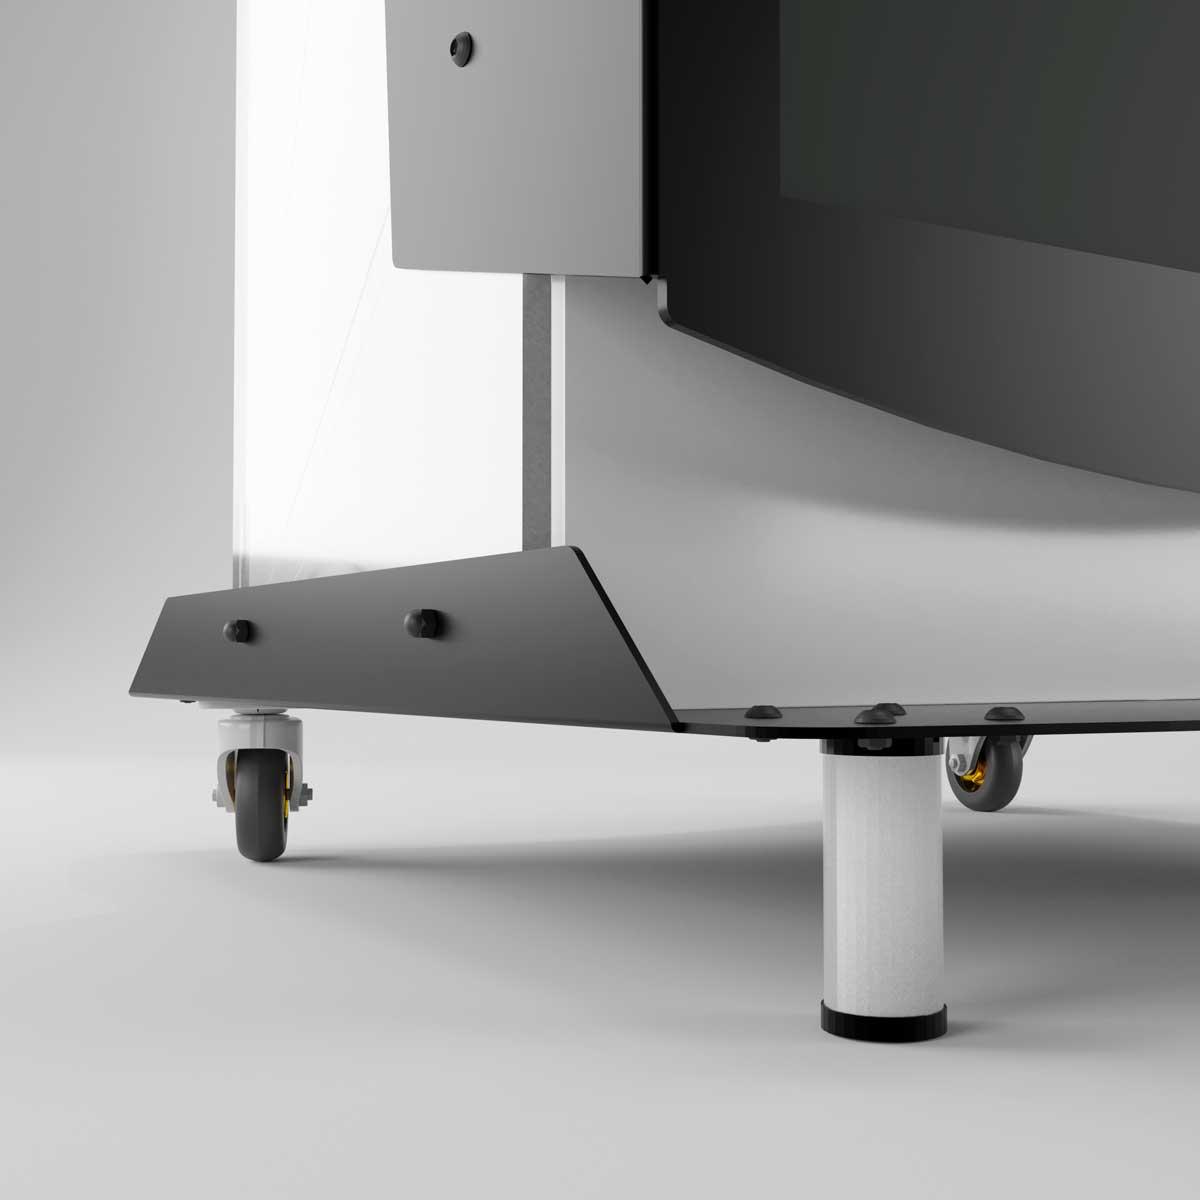 Pupitru Digital pentru conferințe, din tabla si plexiglas transparent, cu televizor, JJ DISPLAYS, dimensiuni la cerere